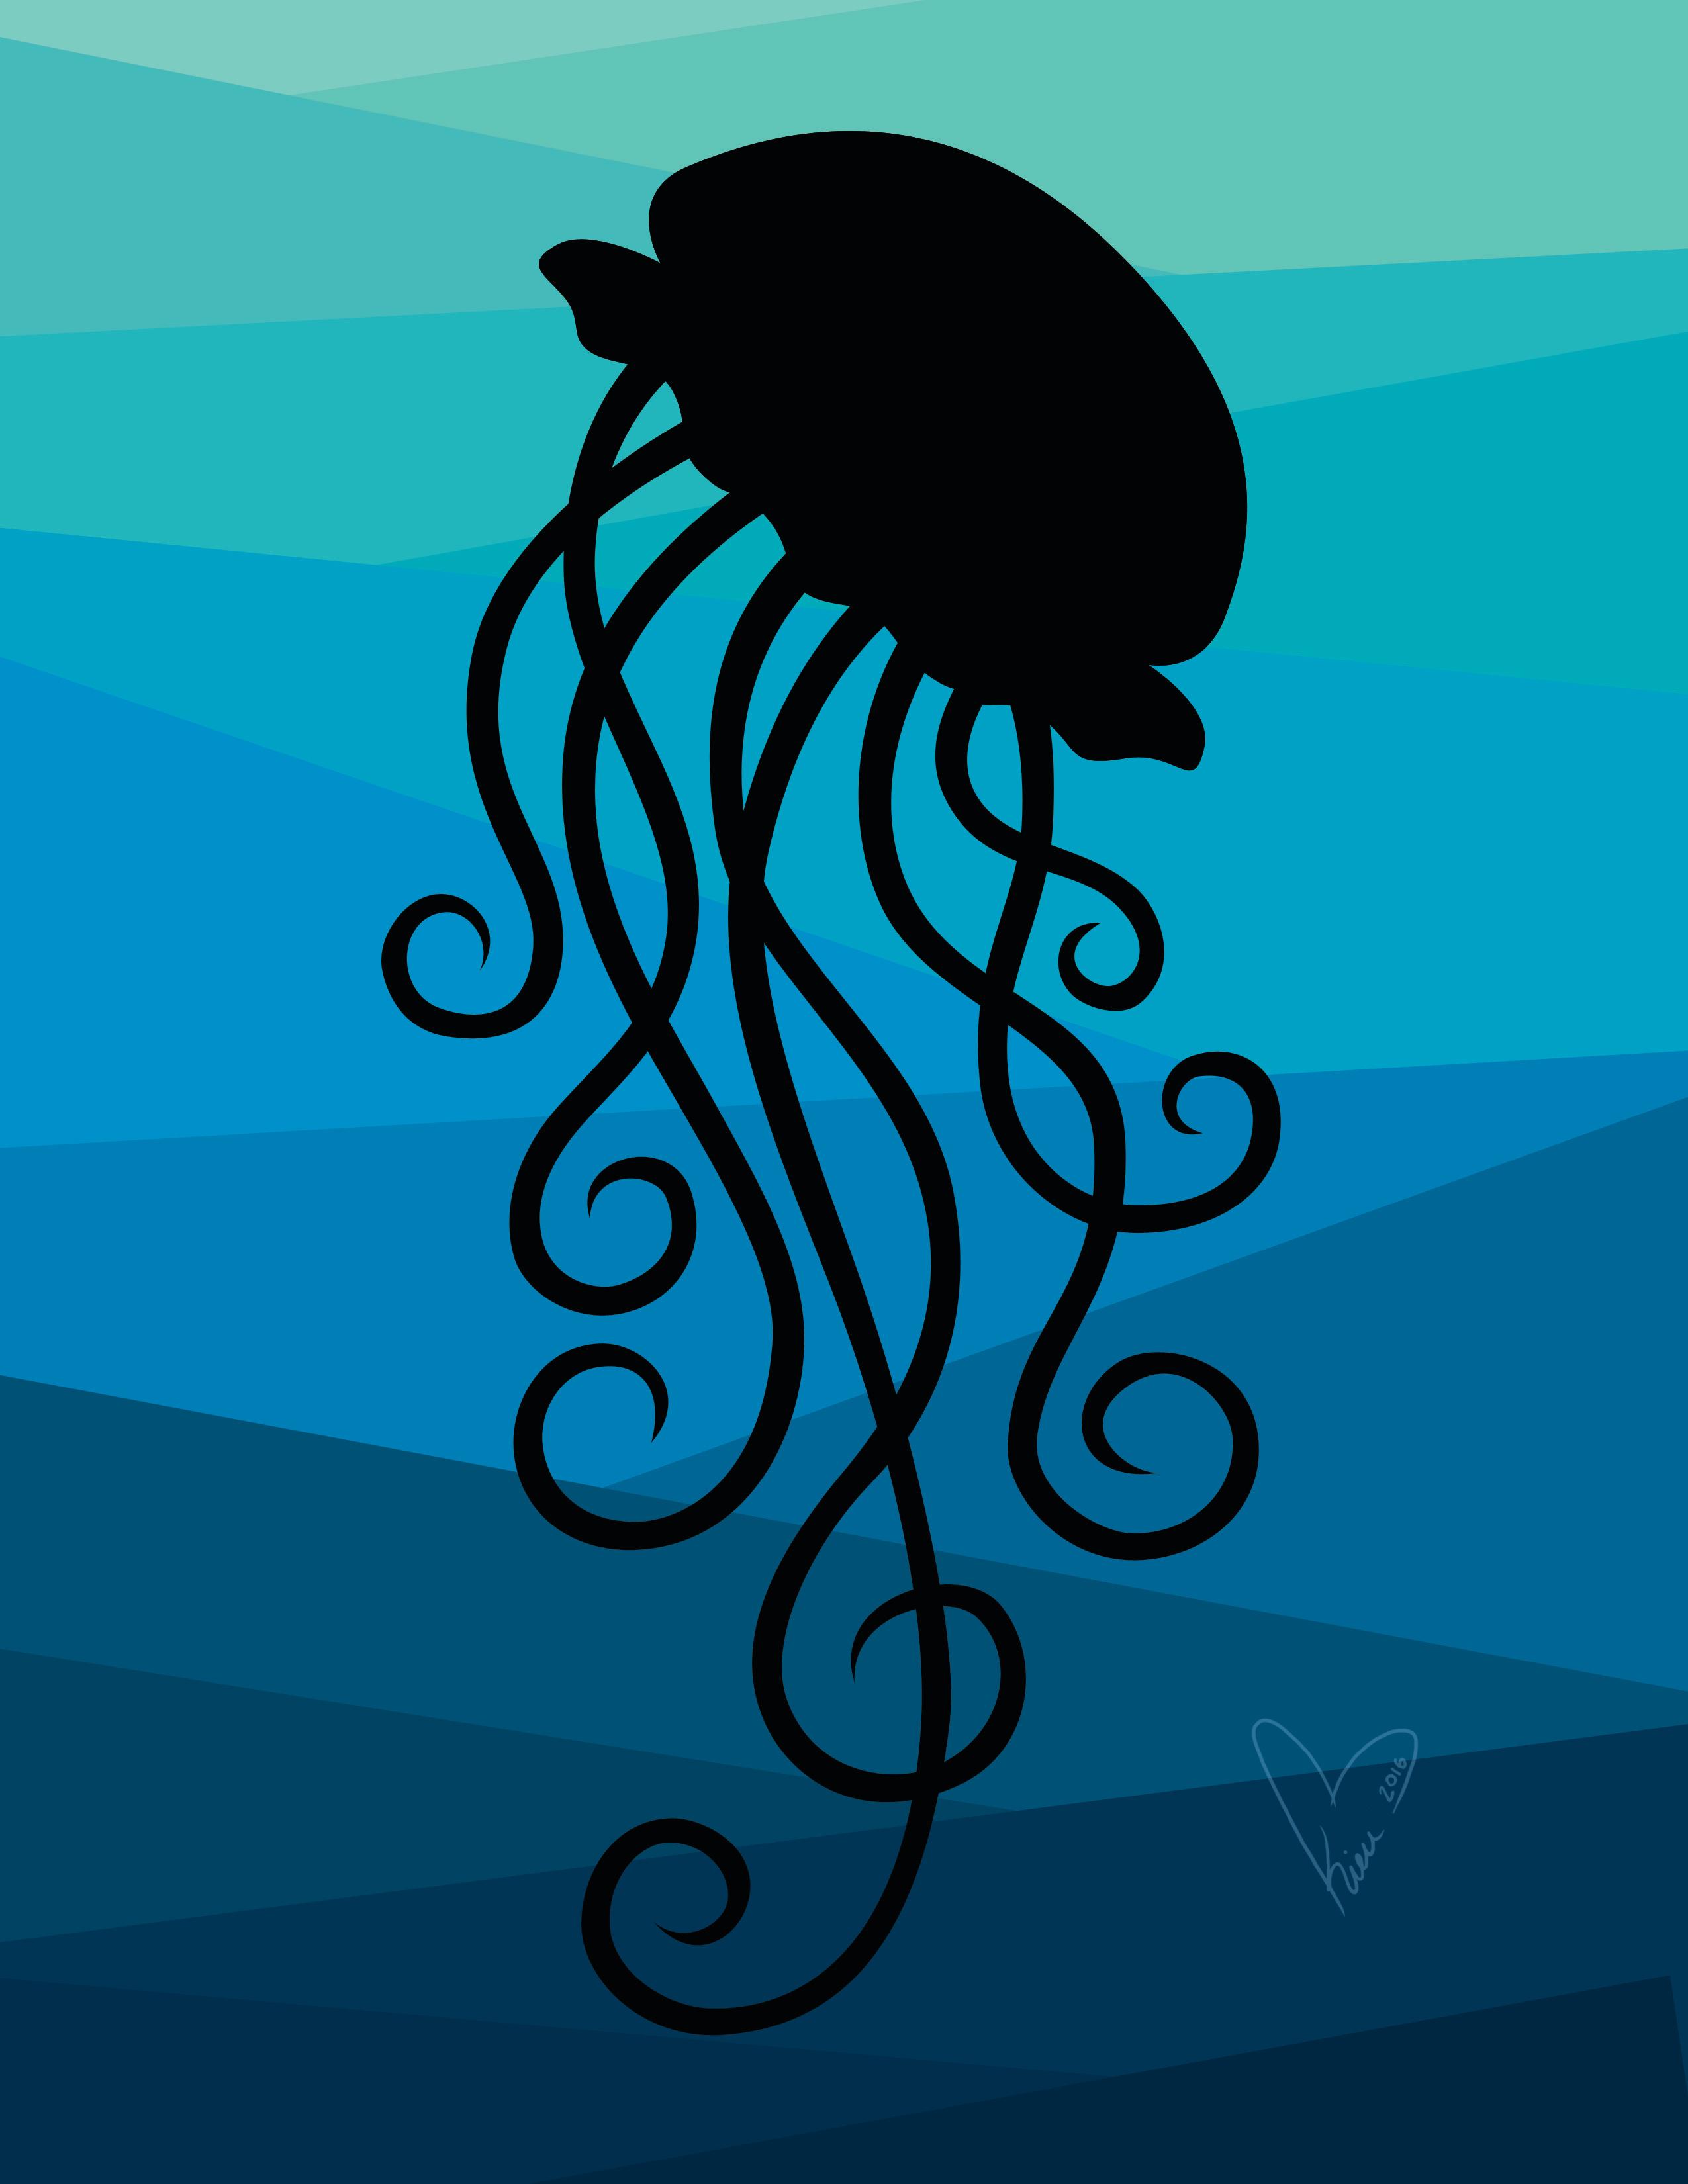 Jellyswirl